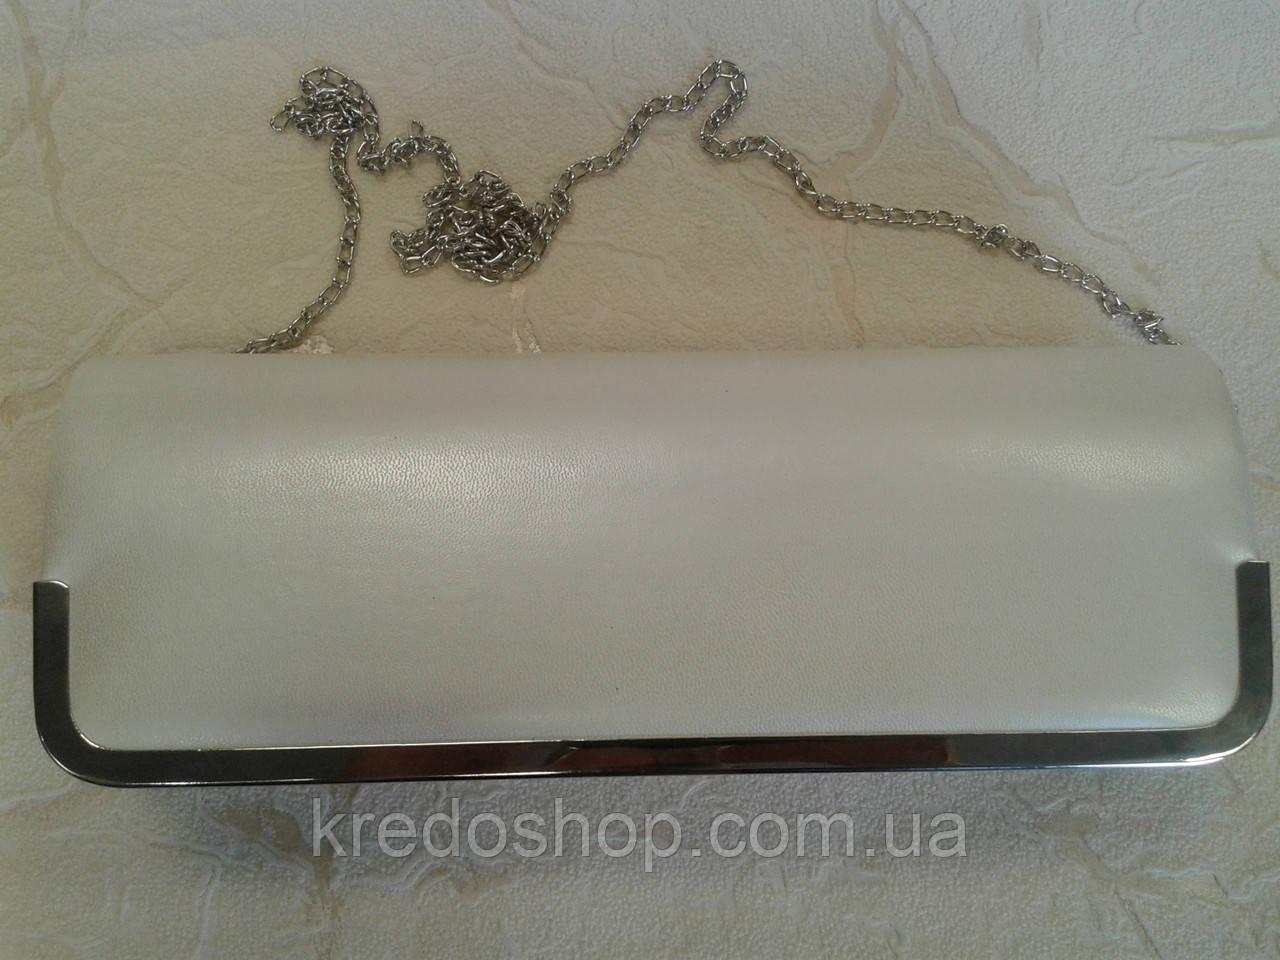 0a2734735ea2 Клатч женский вечерний белый (Турция). - Интернет-магазин сумок и  аксессуаров